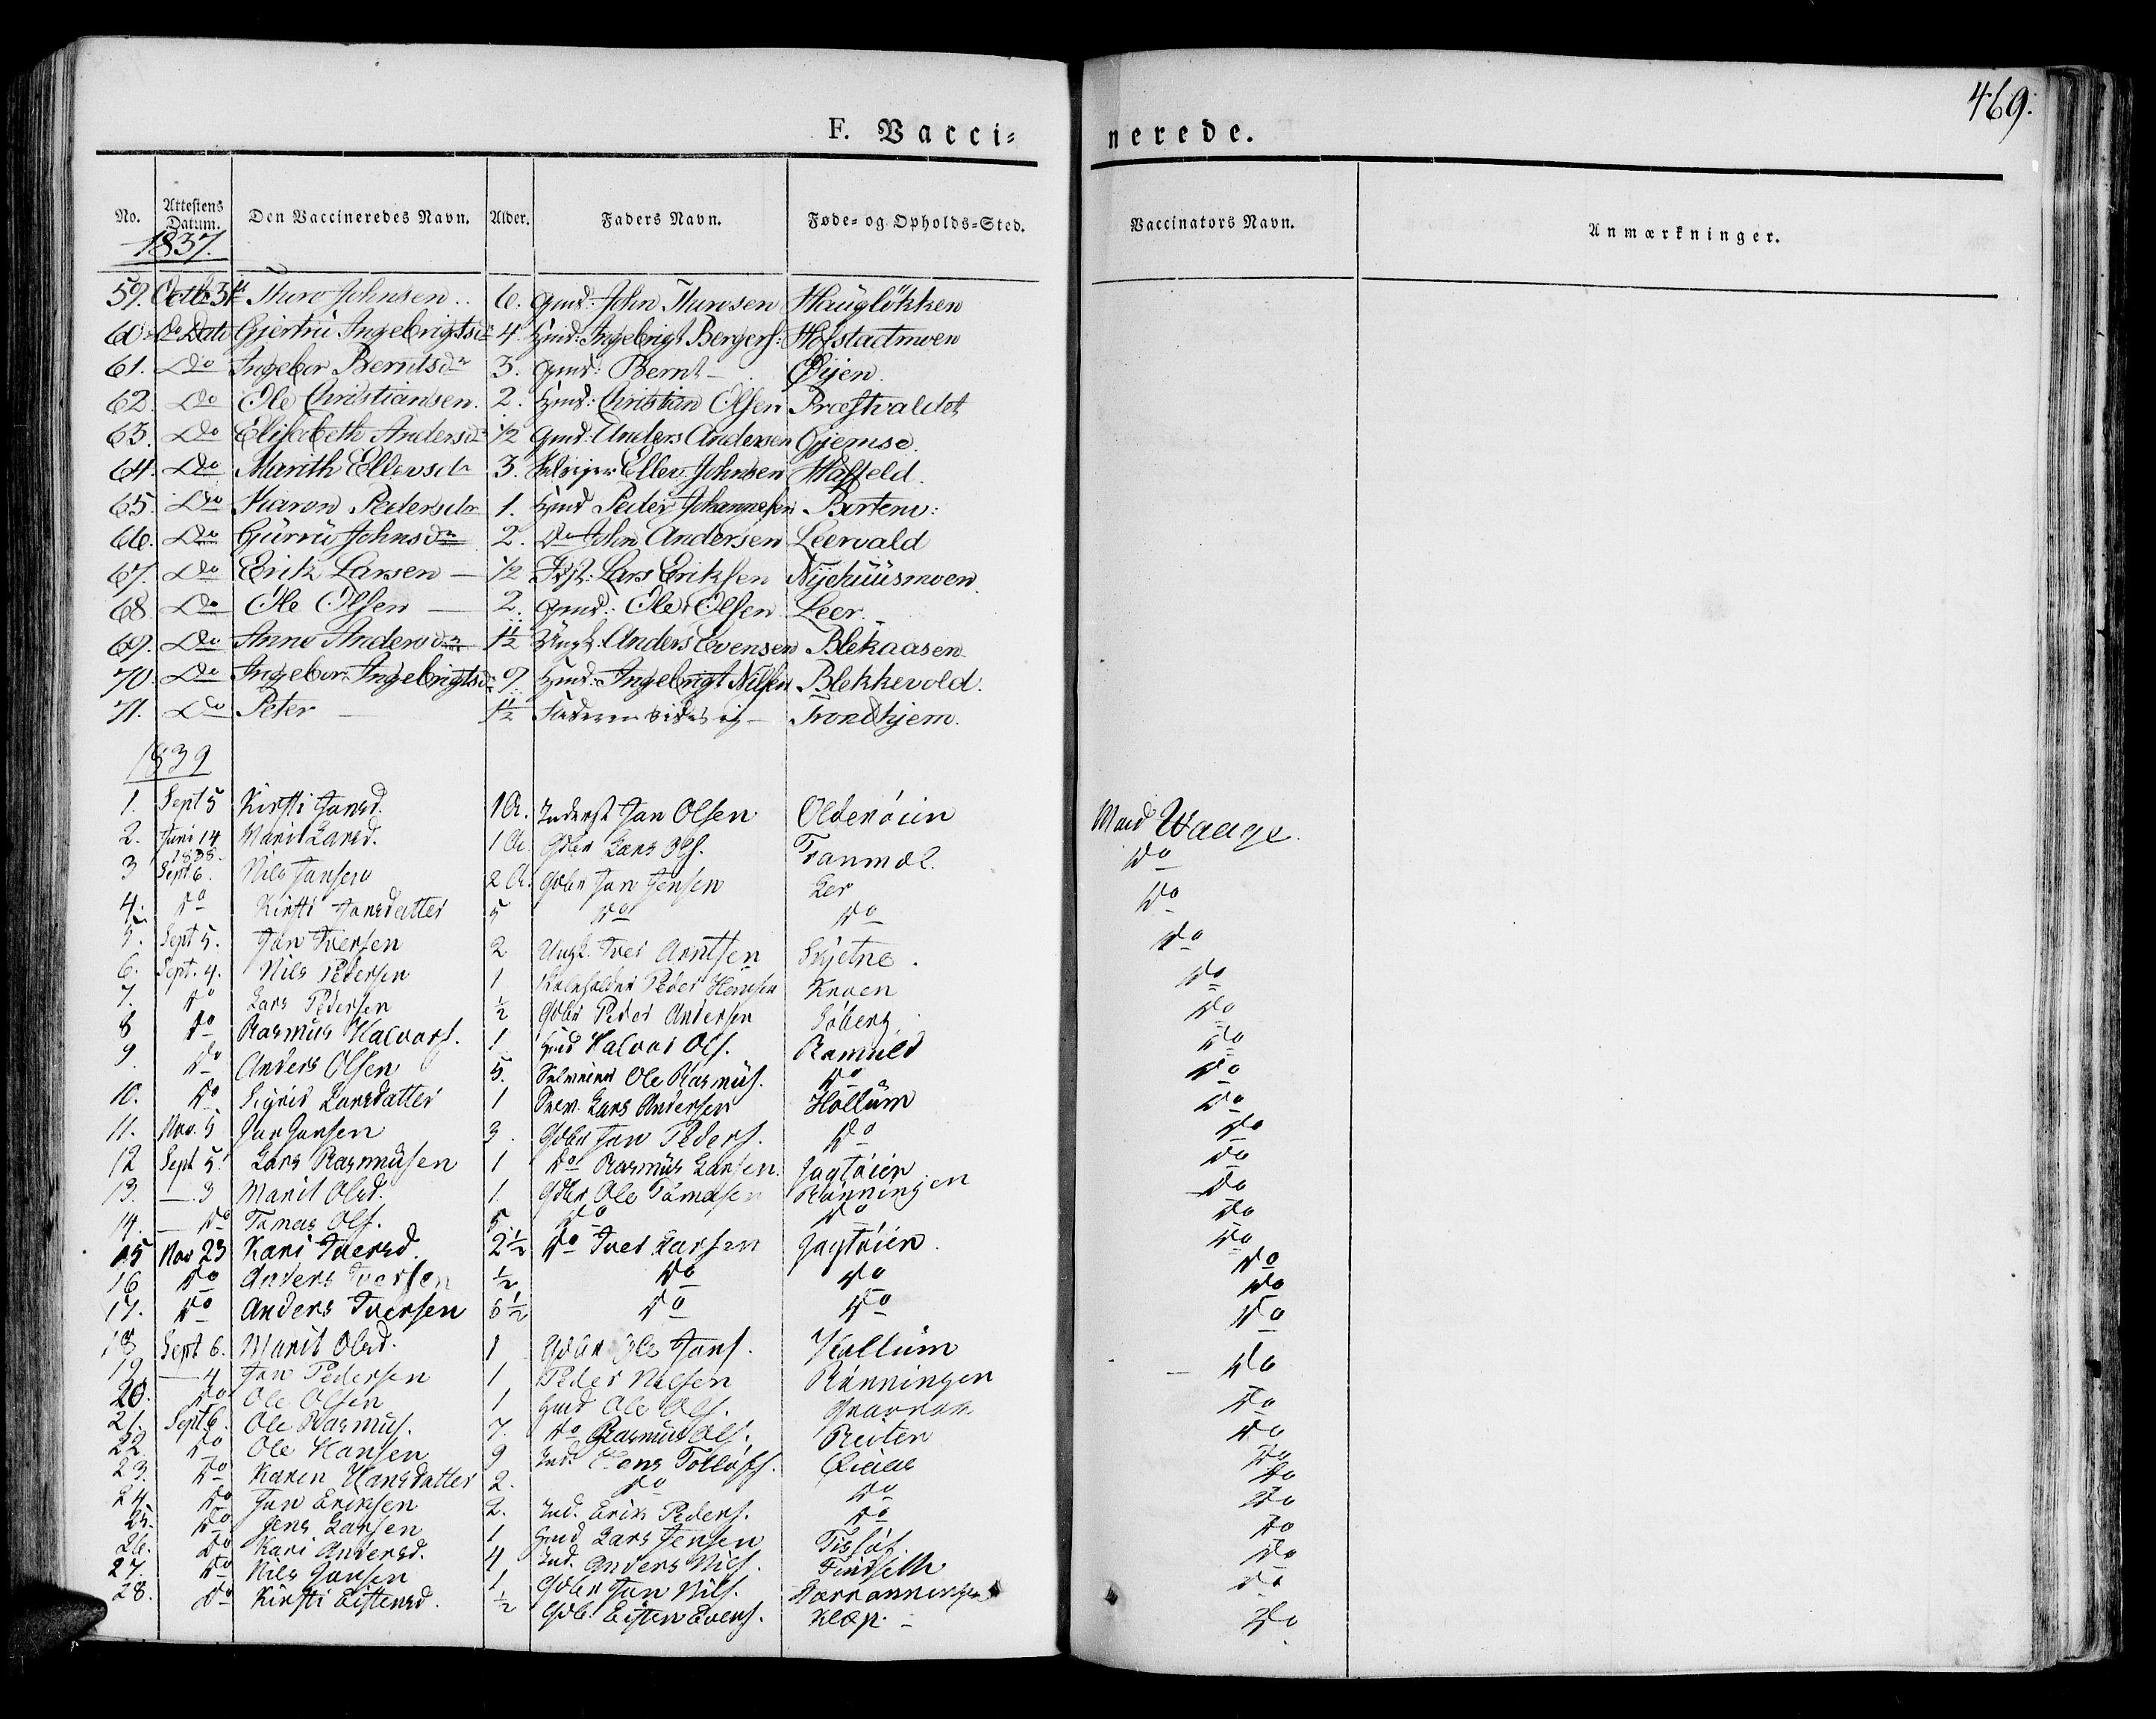 SAT, Ministerialprotokoller, klokkerbøker og fødselsregistre - Sør-Trøndelag, 691/L1070: Ministerialbok nr. 691A05 /1, 1826-1841, s. 469